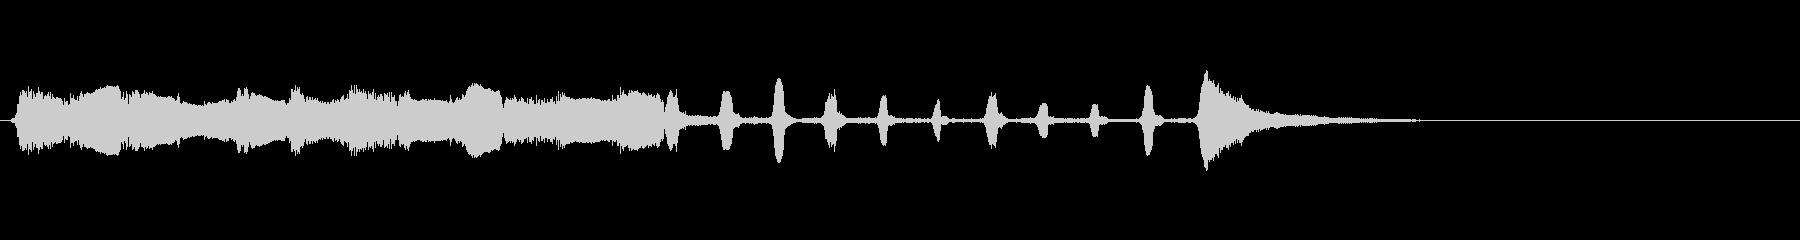 【生演奏】アコーディオンジングル46の未再生の波形